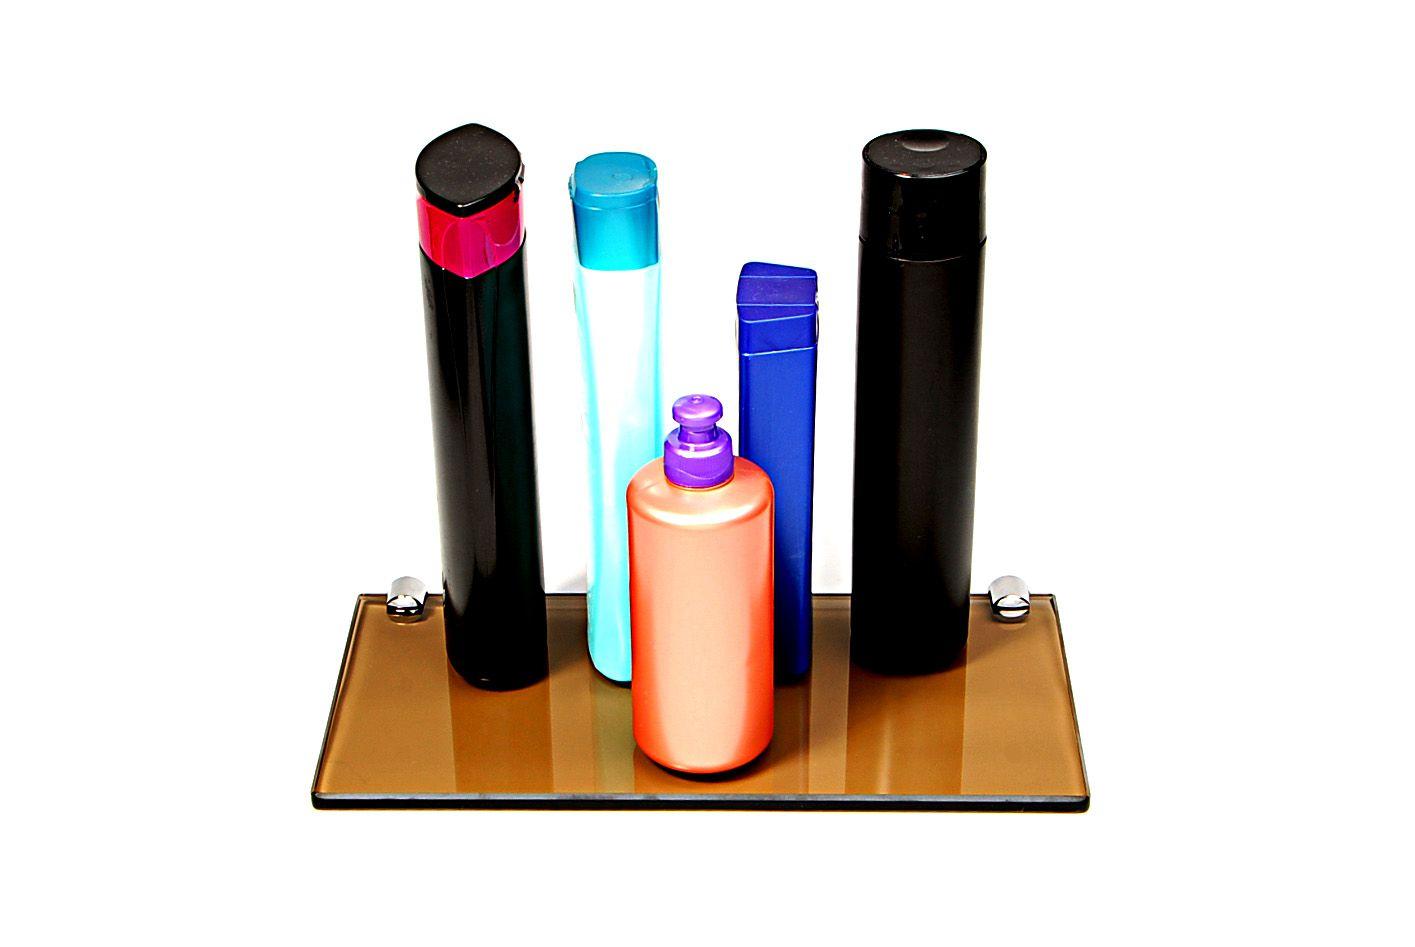 Porta Shampoo Reto em Vidro Bronze Lapidado - Aquabox  - 30cmx14cmx8mm